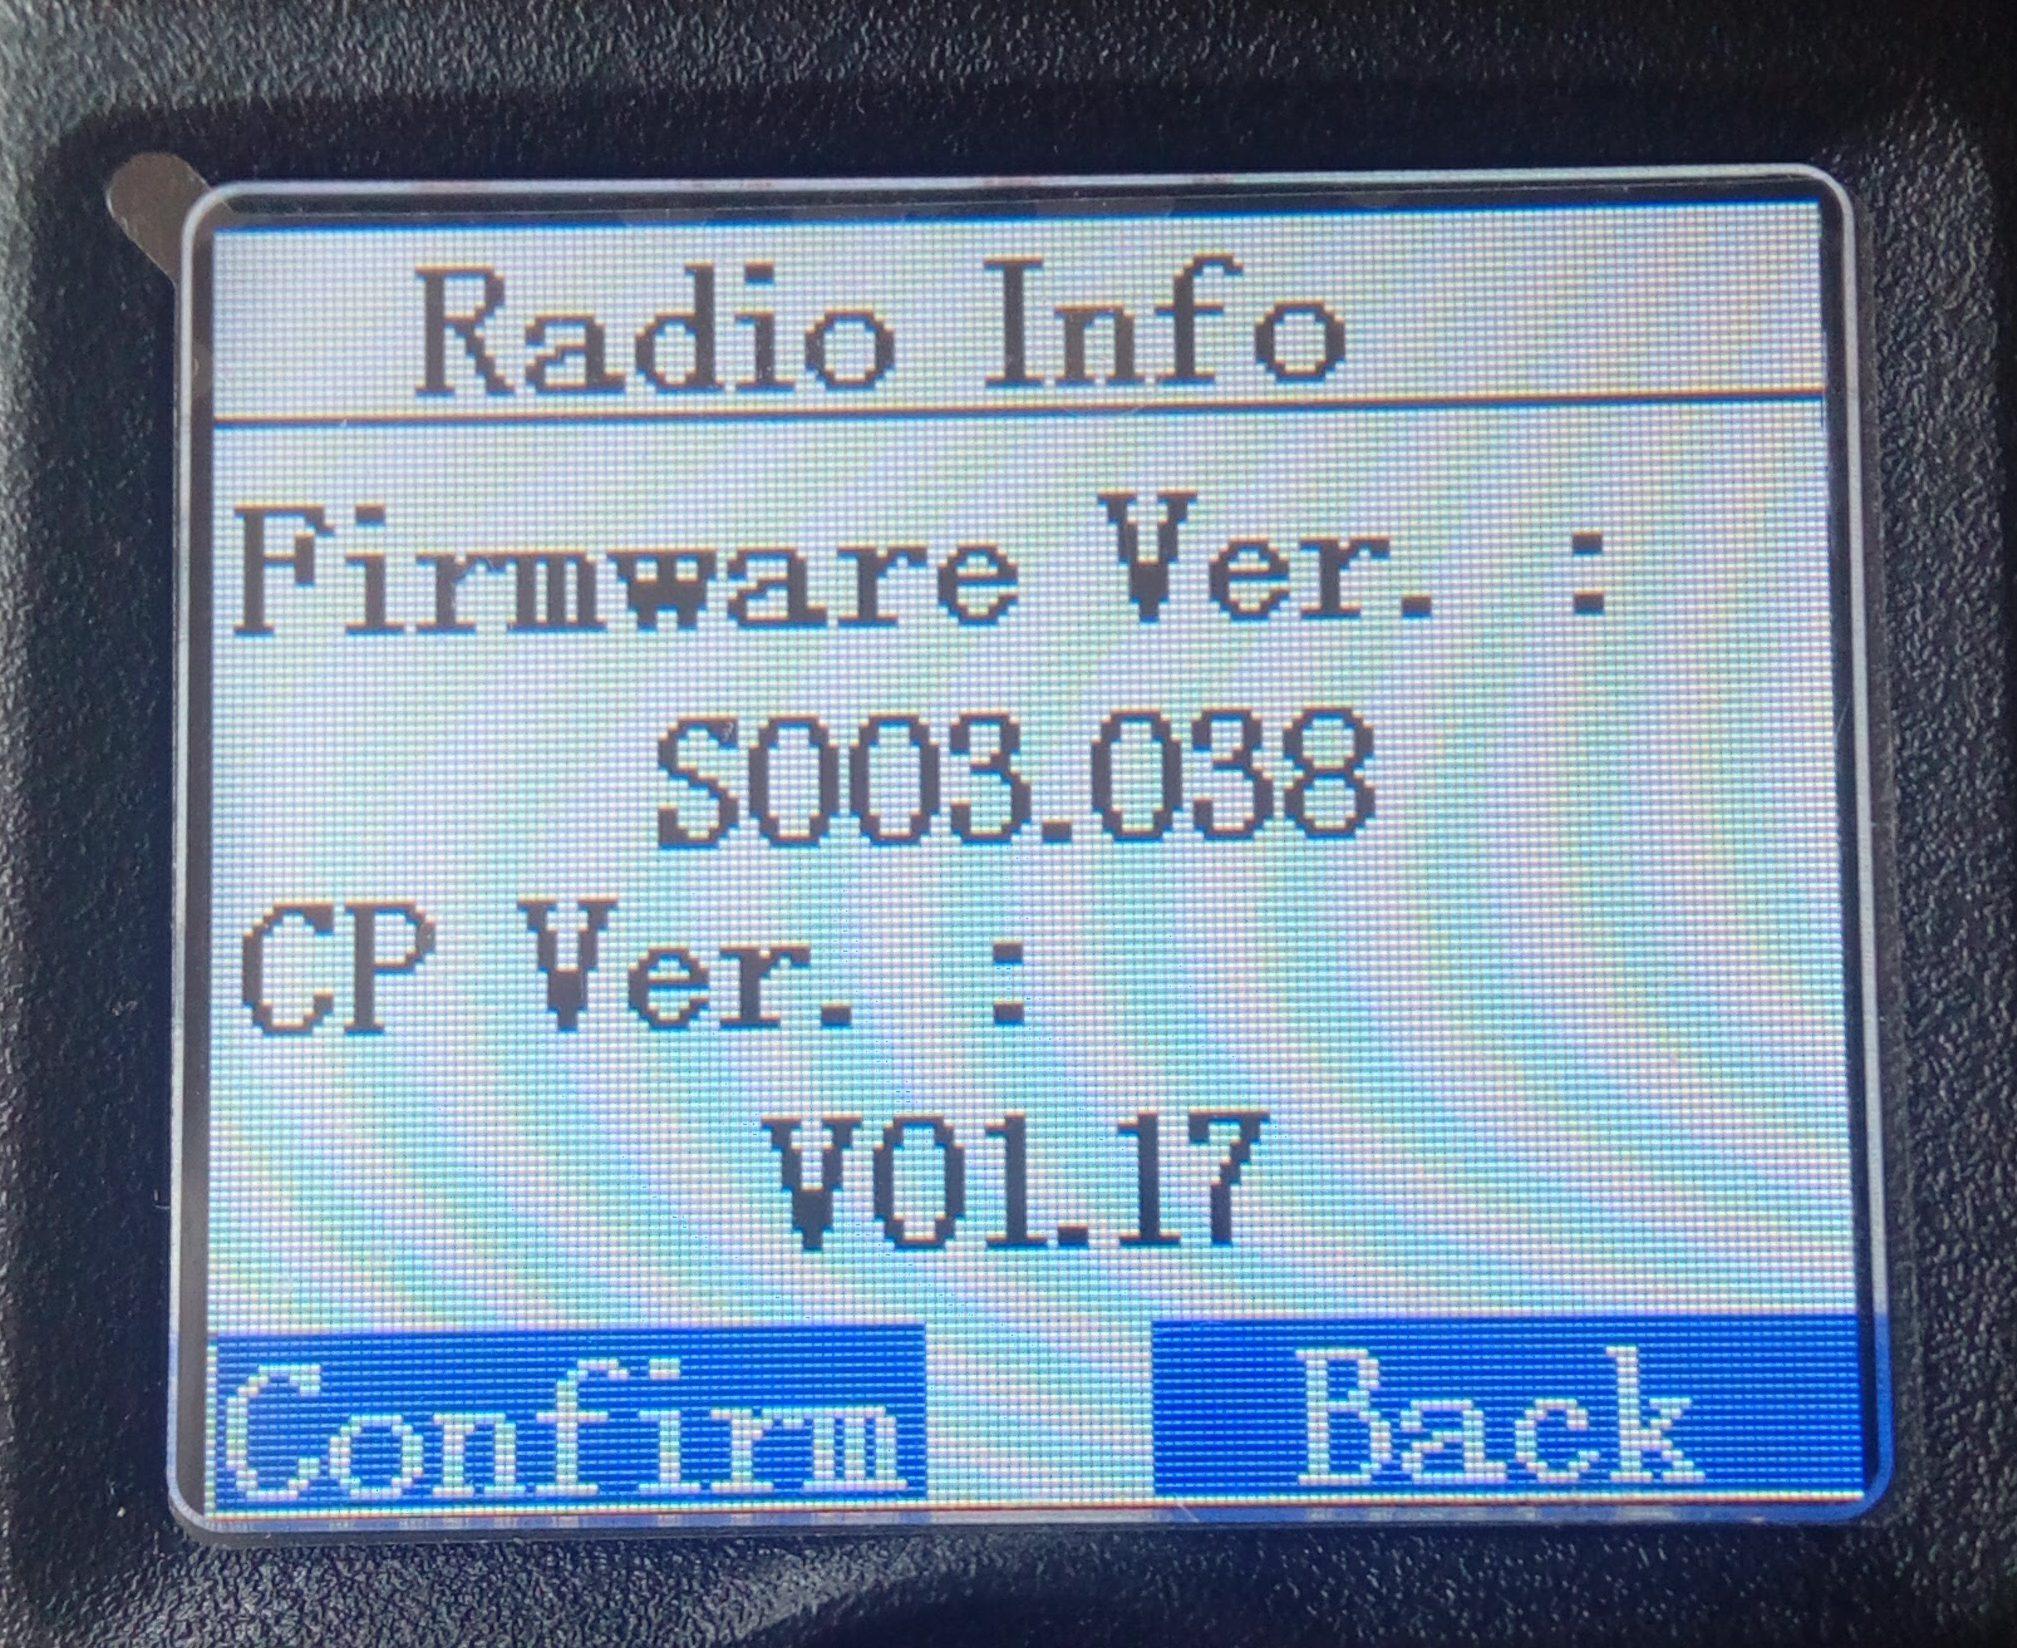 Neue Firmware für RT82 vom 29.08.2017 Version 3.40